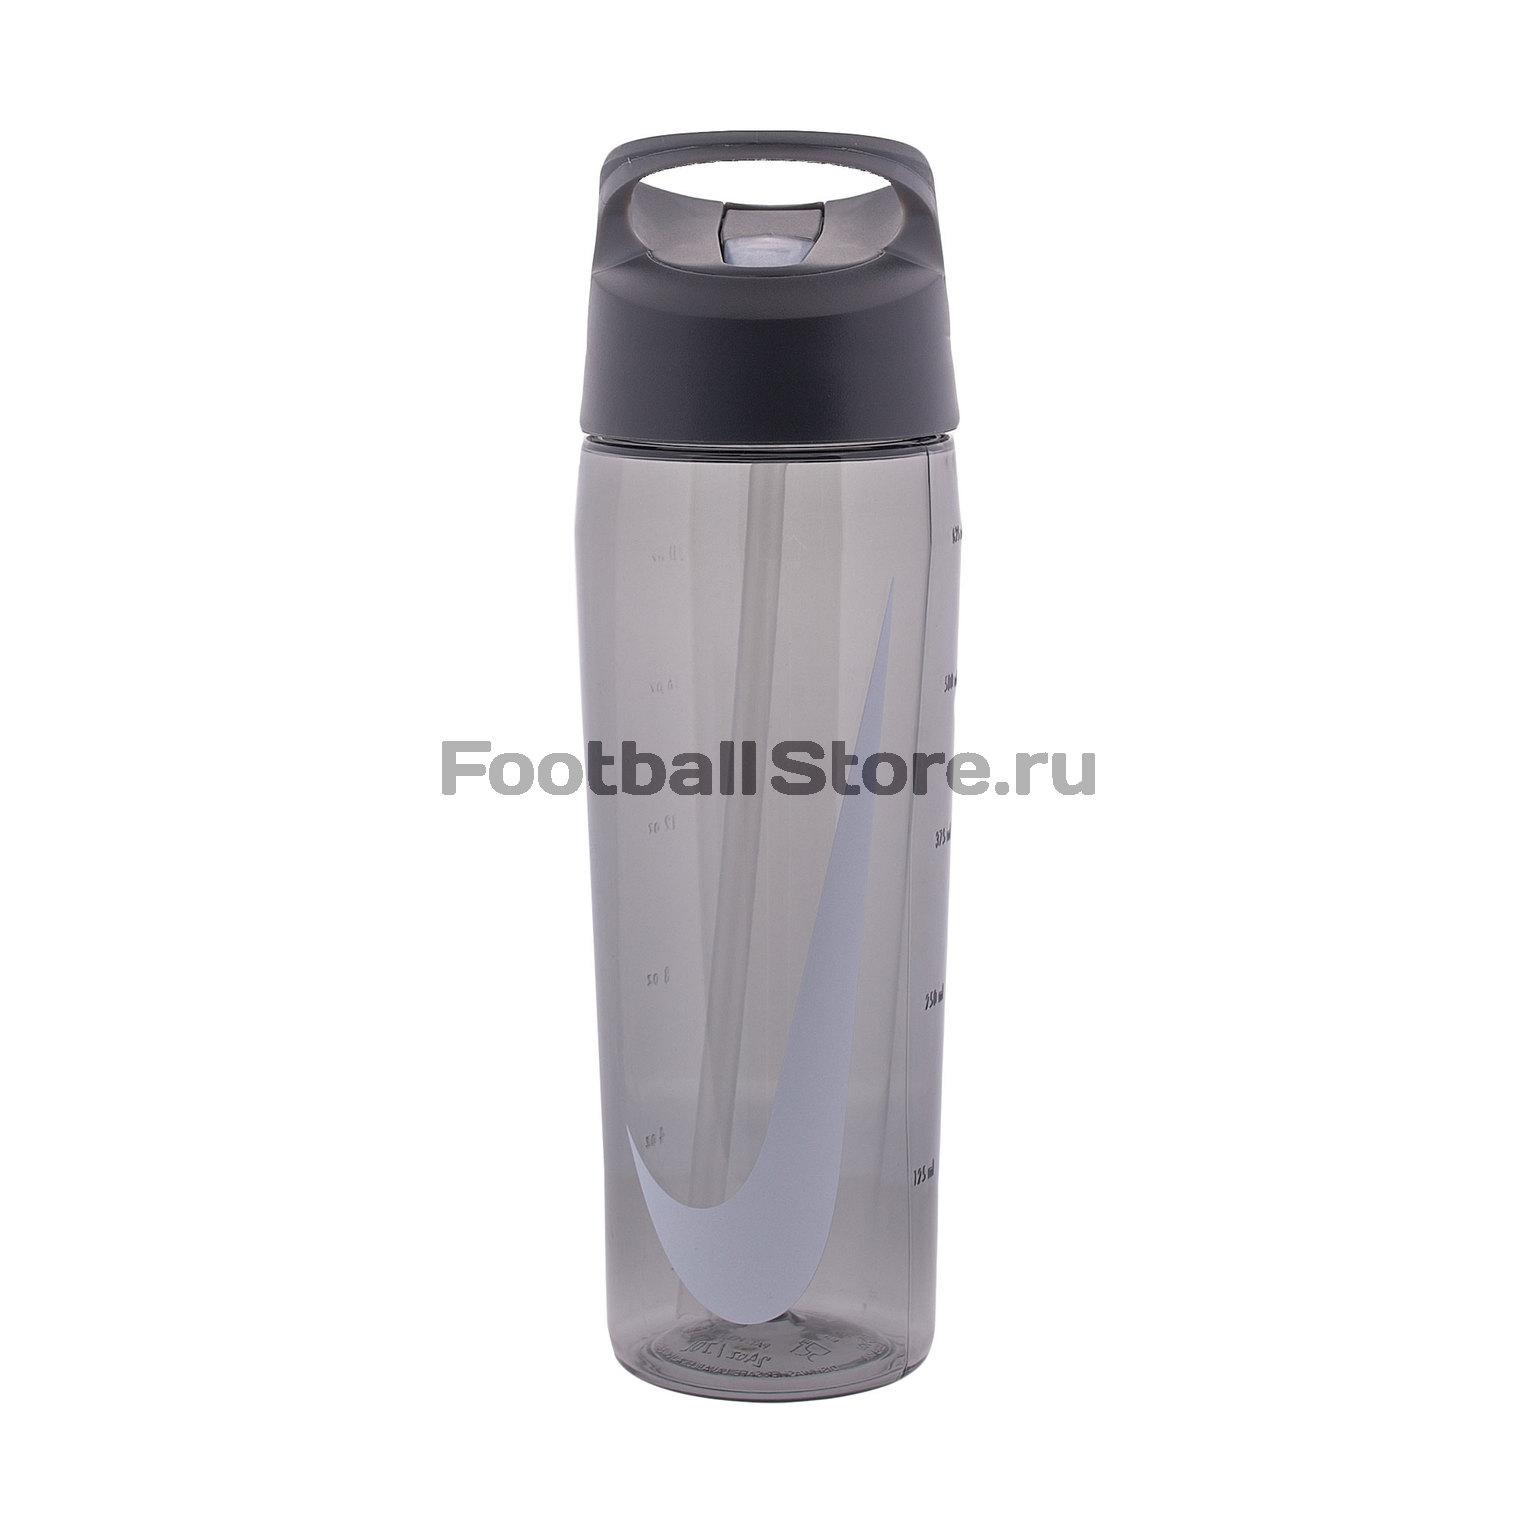 Бутылка для воды Nike Hypercharge Straw N.OB.E3.032.24